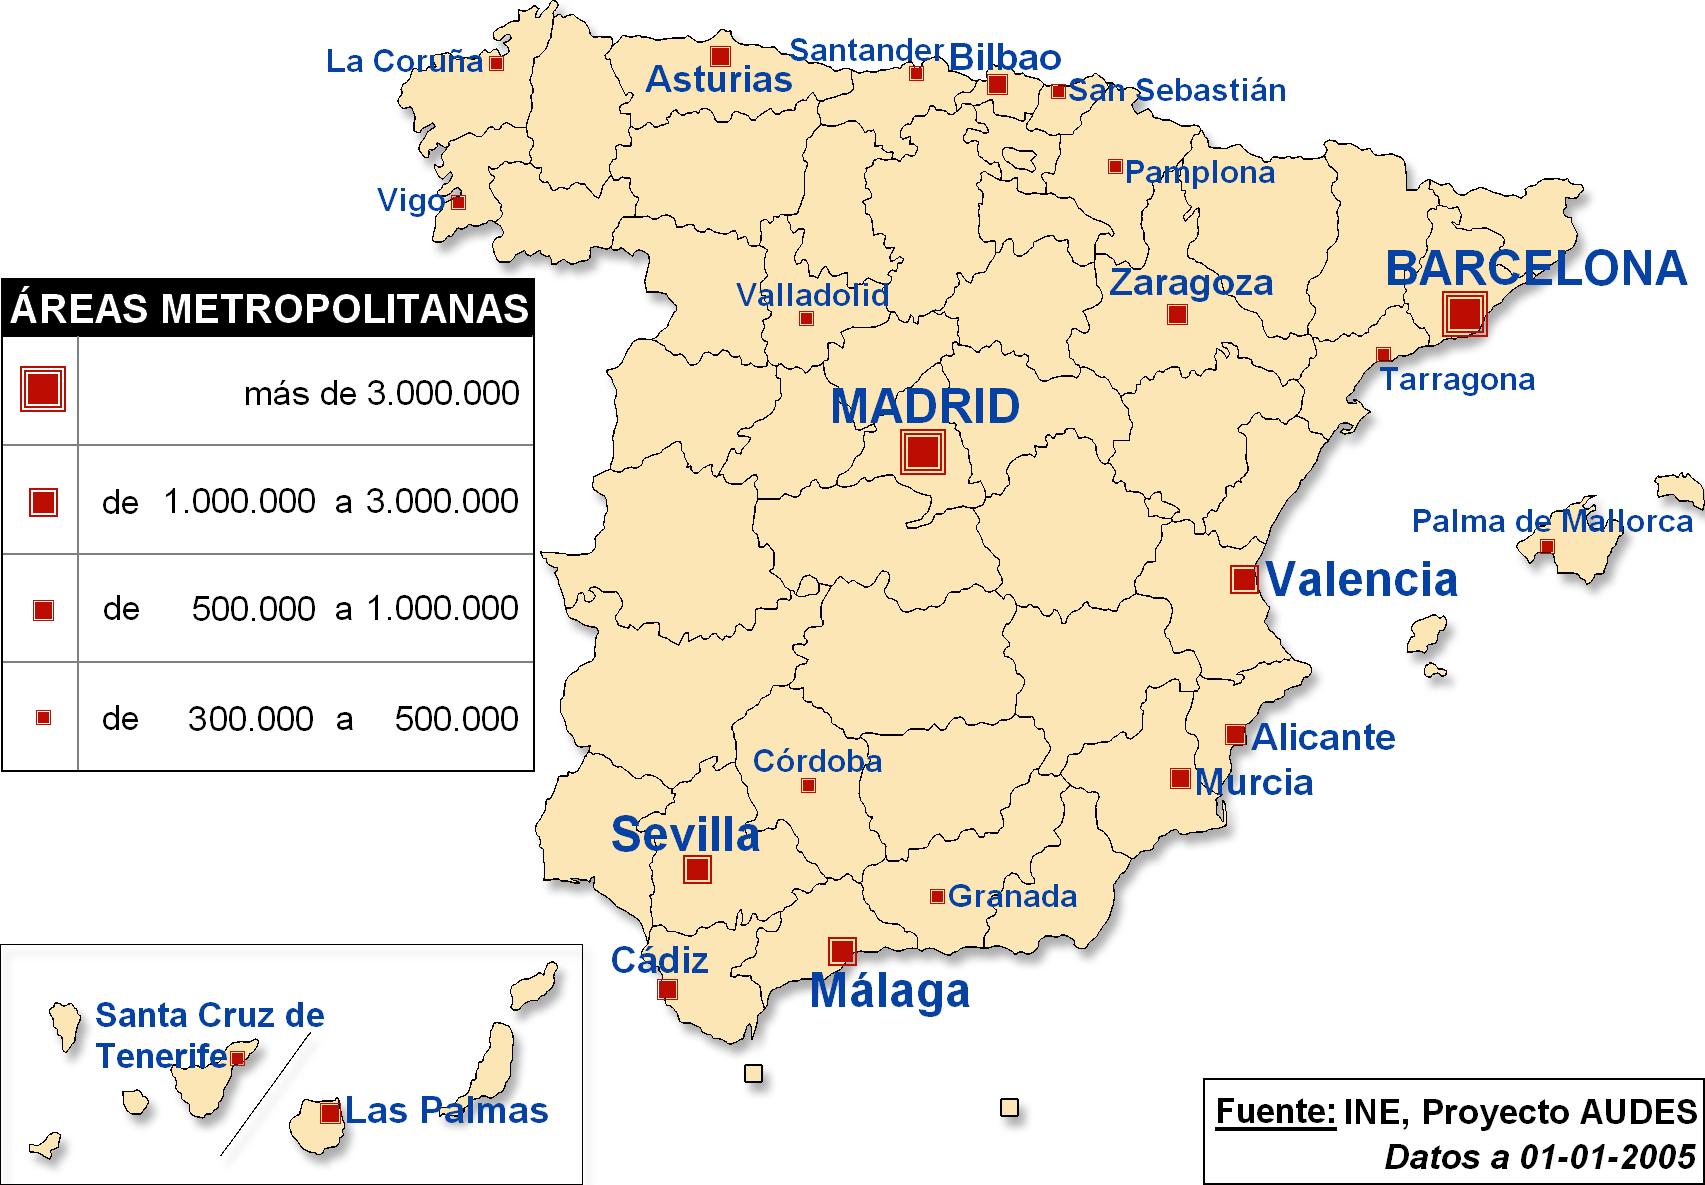 Principales áreas metropolitanas de España 2005